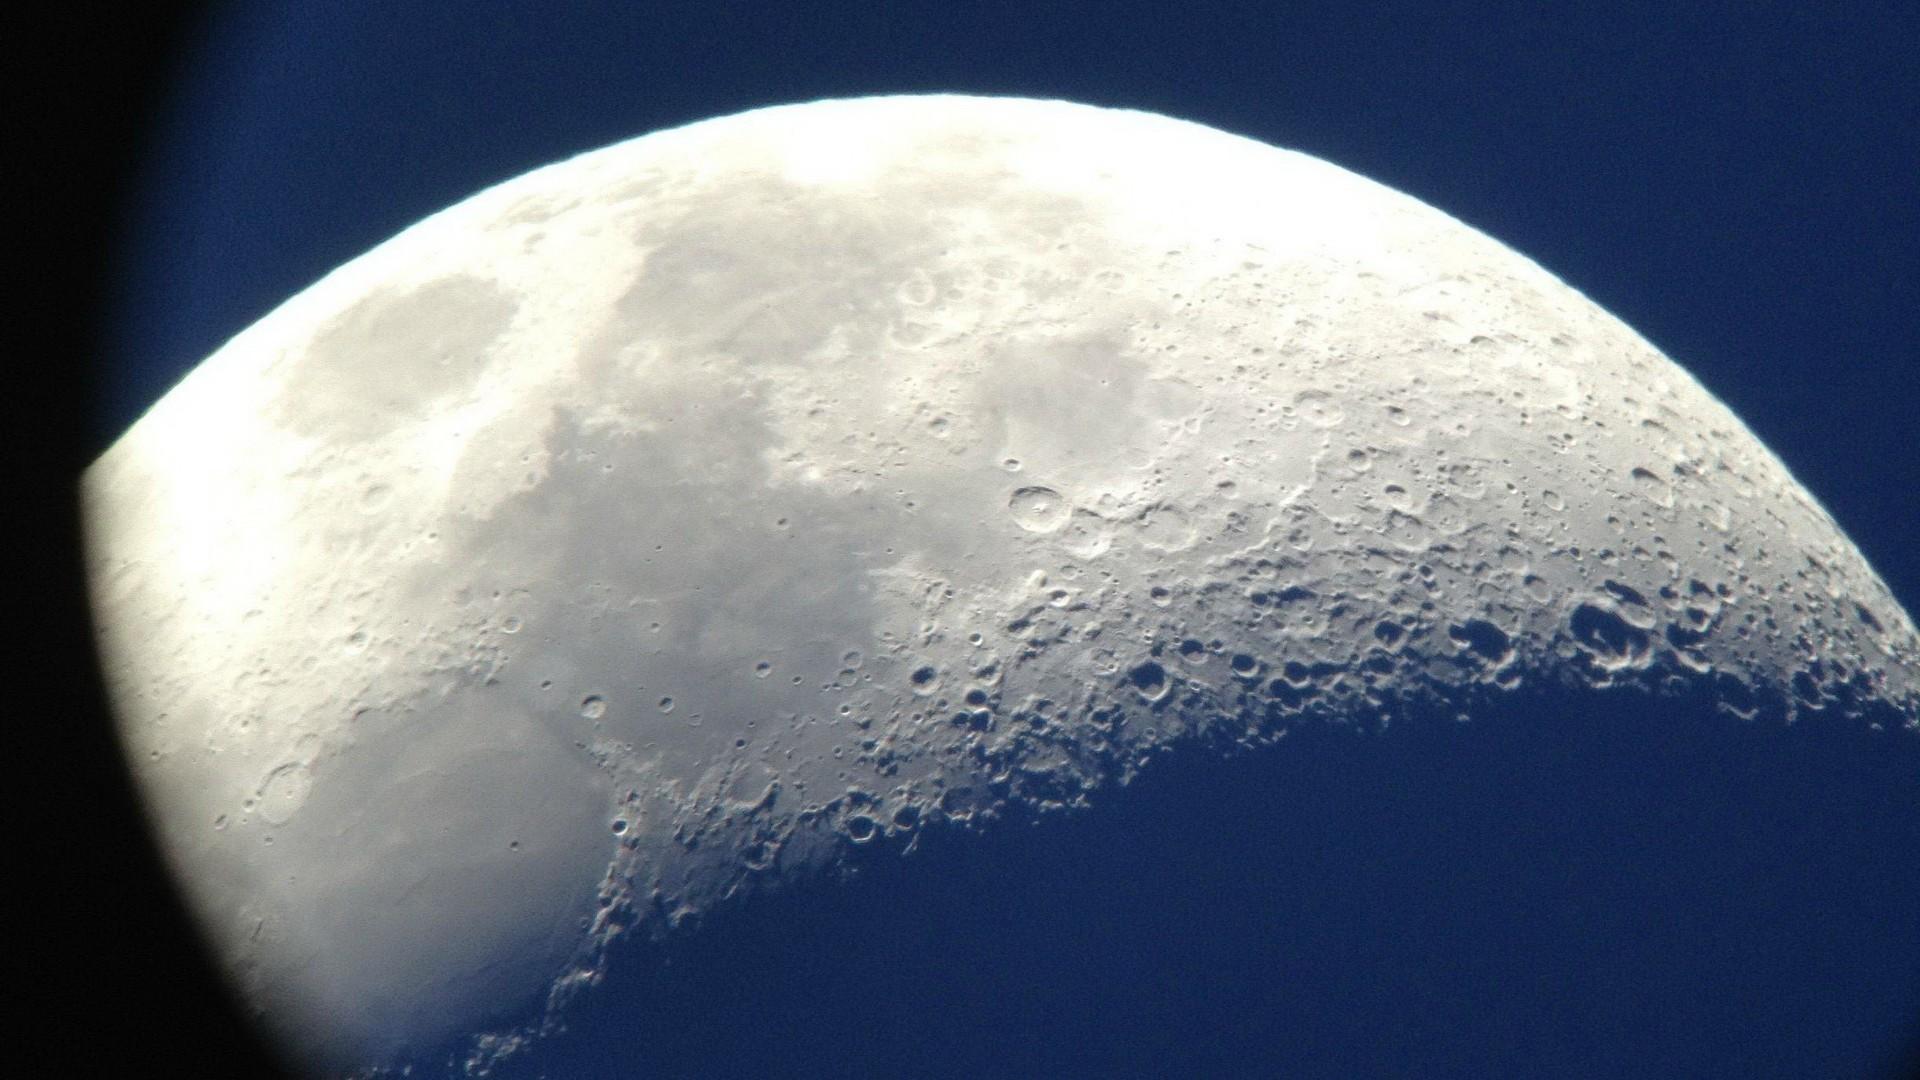 Outer space Moon NASA astronomy Soyuz wallpaper     59983 .